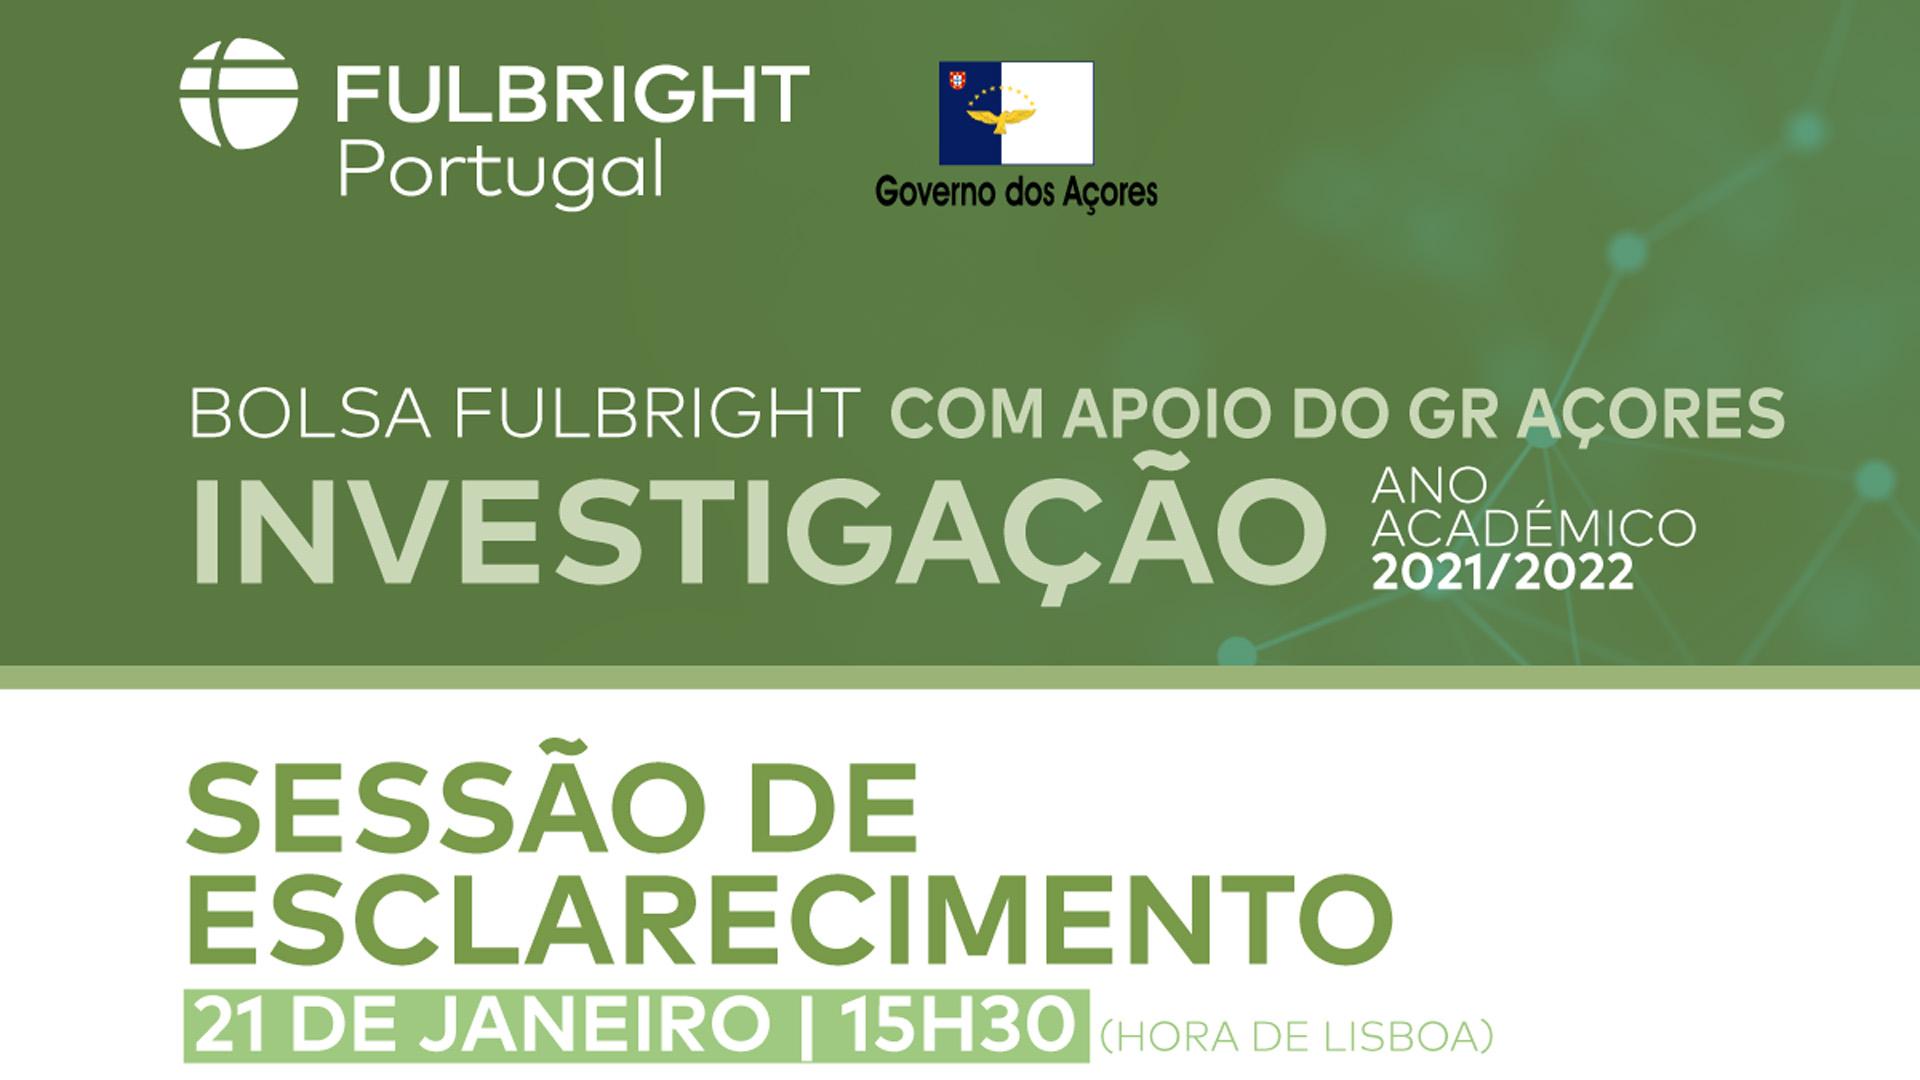 Edição de bolsas Fulbright para o ano letivo de 2021-2022 - cartaz